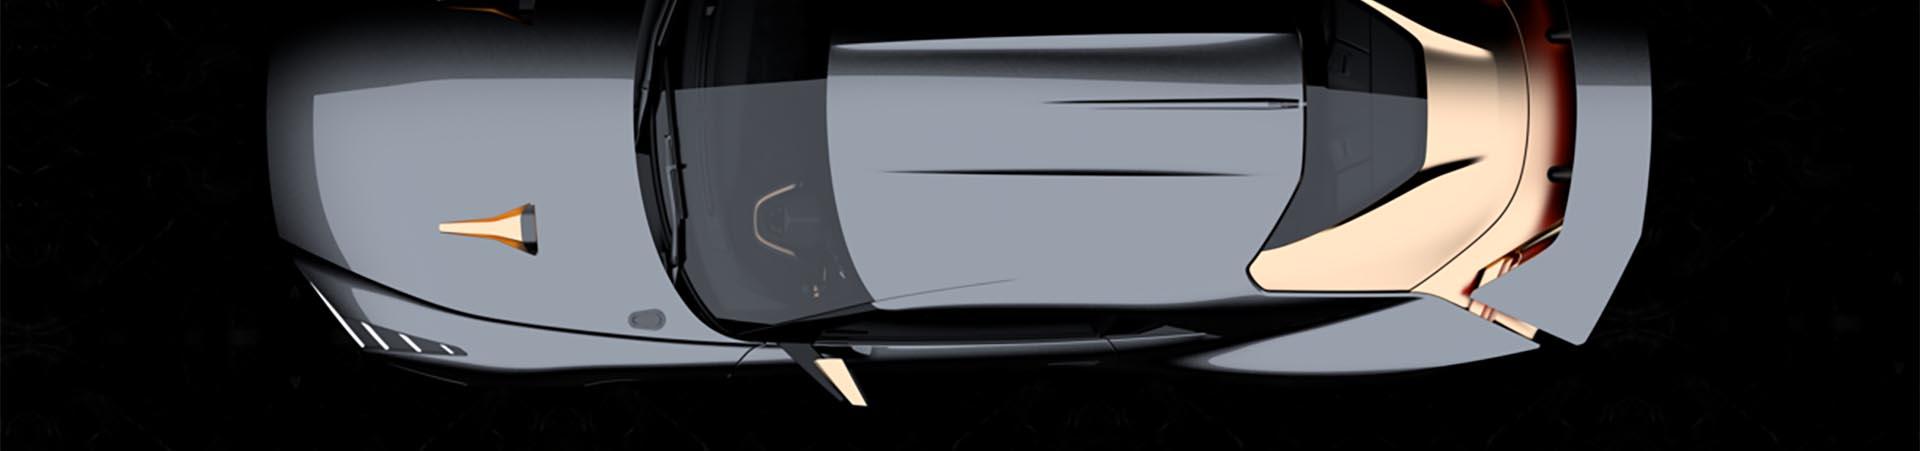 Nissan Zukunft